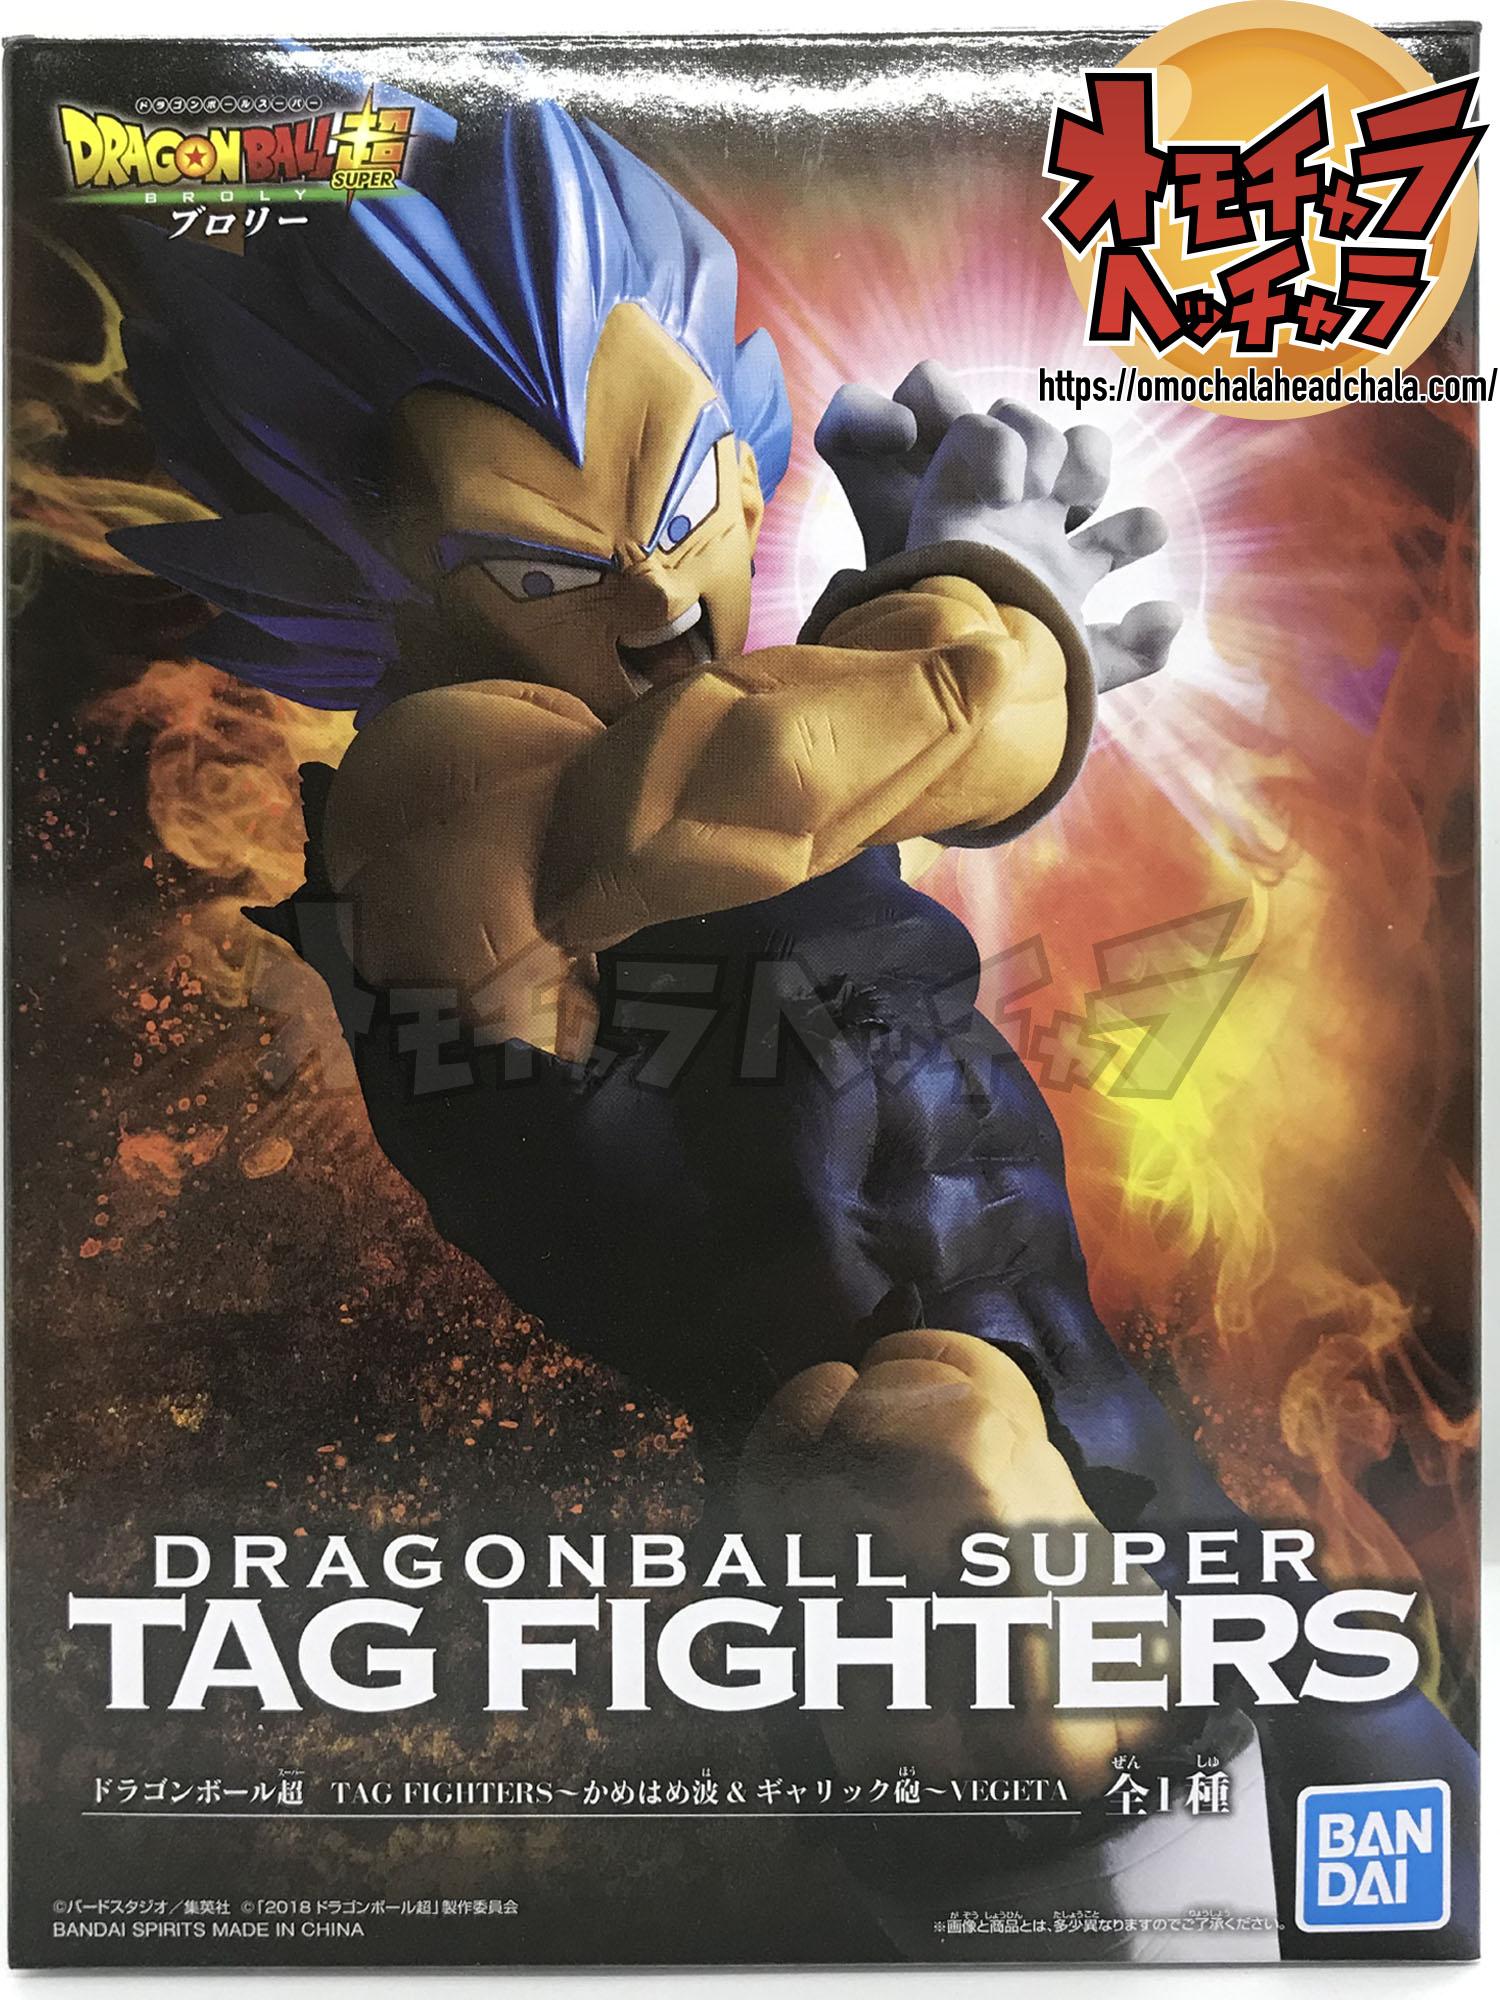 ドラゴンボールフィギュアレビューブログのTAG FIGHTERSタッグファイターズかめはめ波&ギャリック砲~ベジータ